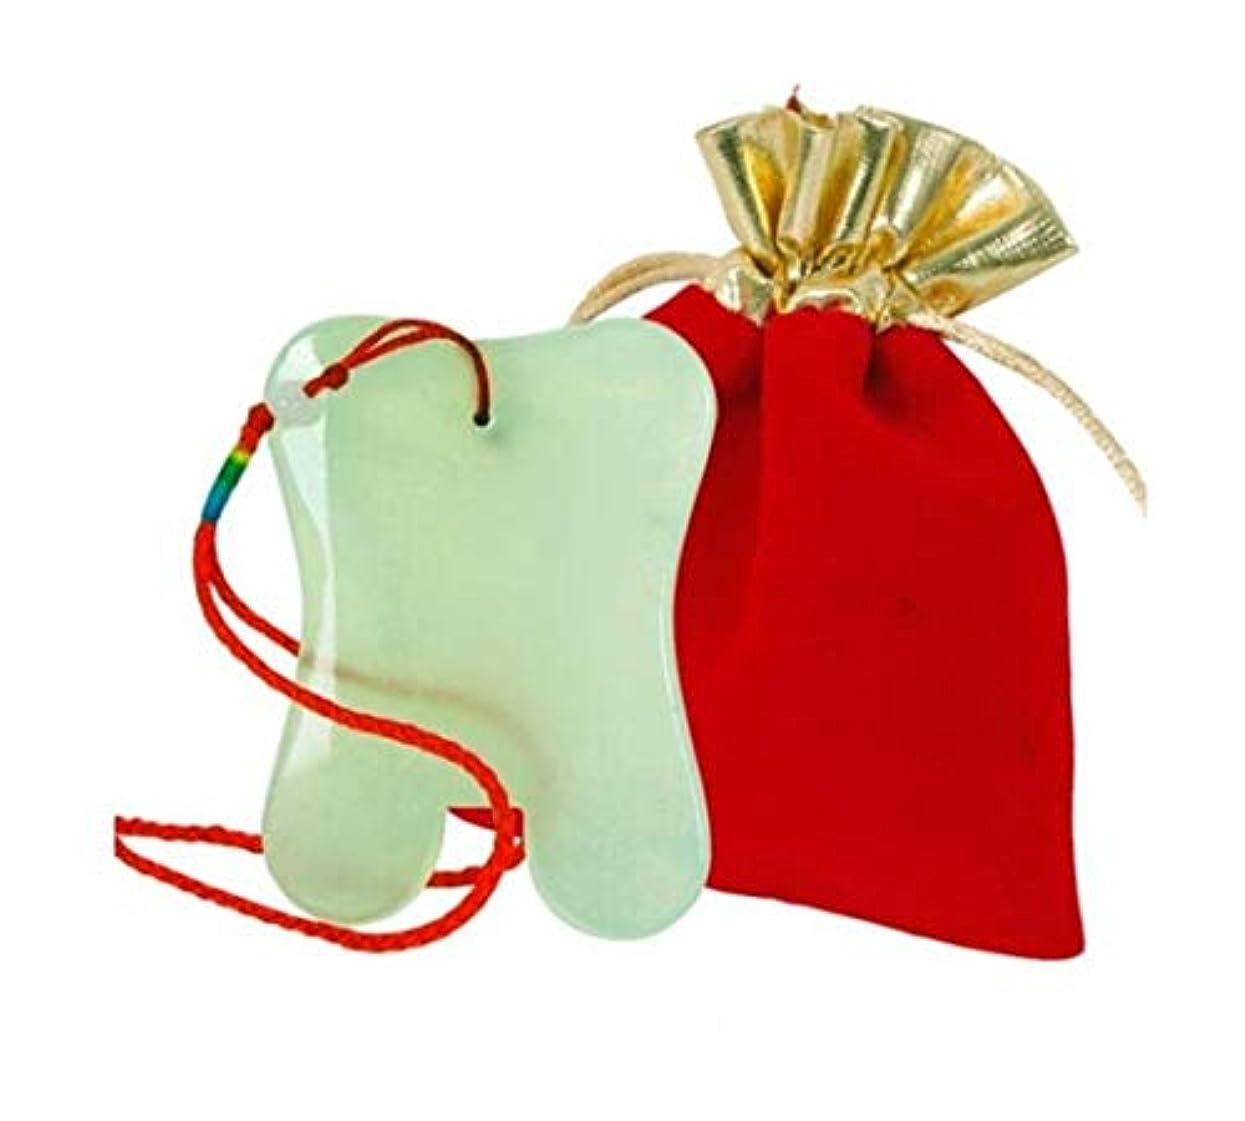 虐殺ひどい小麦KATH スクラッチマッサージツール、理学療法Guashaマッサージツールのジェイドスクレイピングボード?フェイシャル目のシェービング、グリーンボード圧着+布バッグ+レッドロープ (Color : Green, Size...